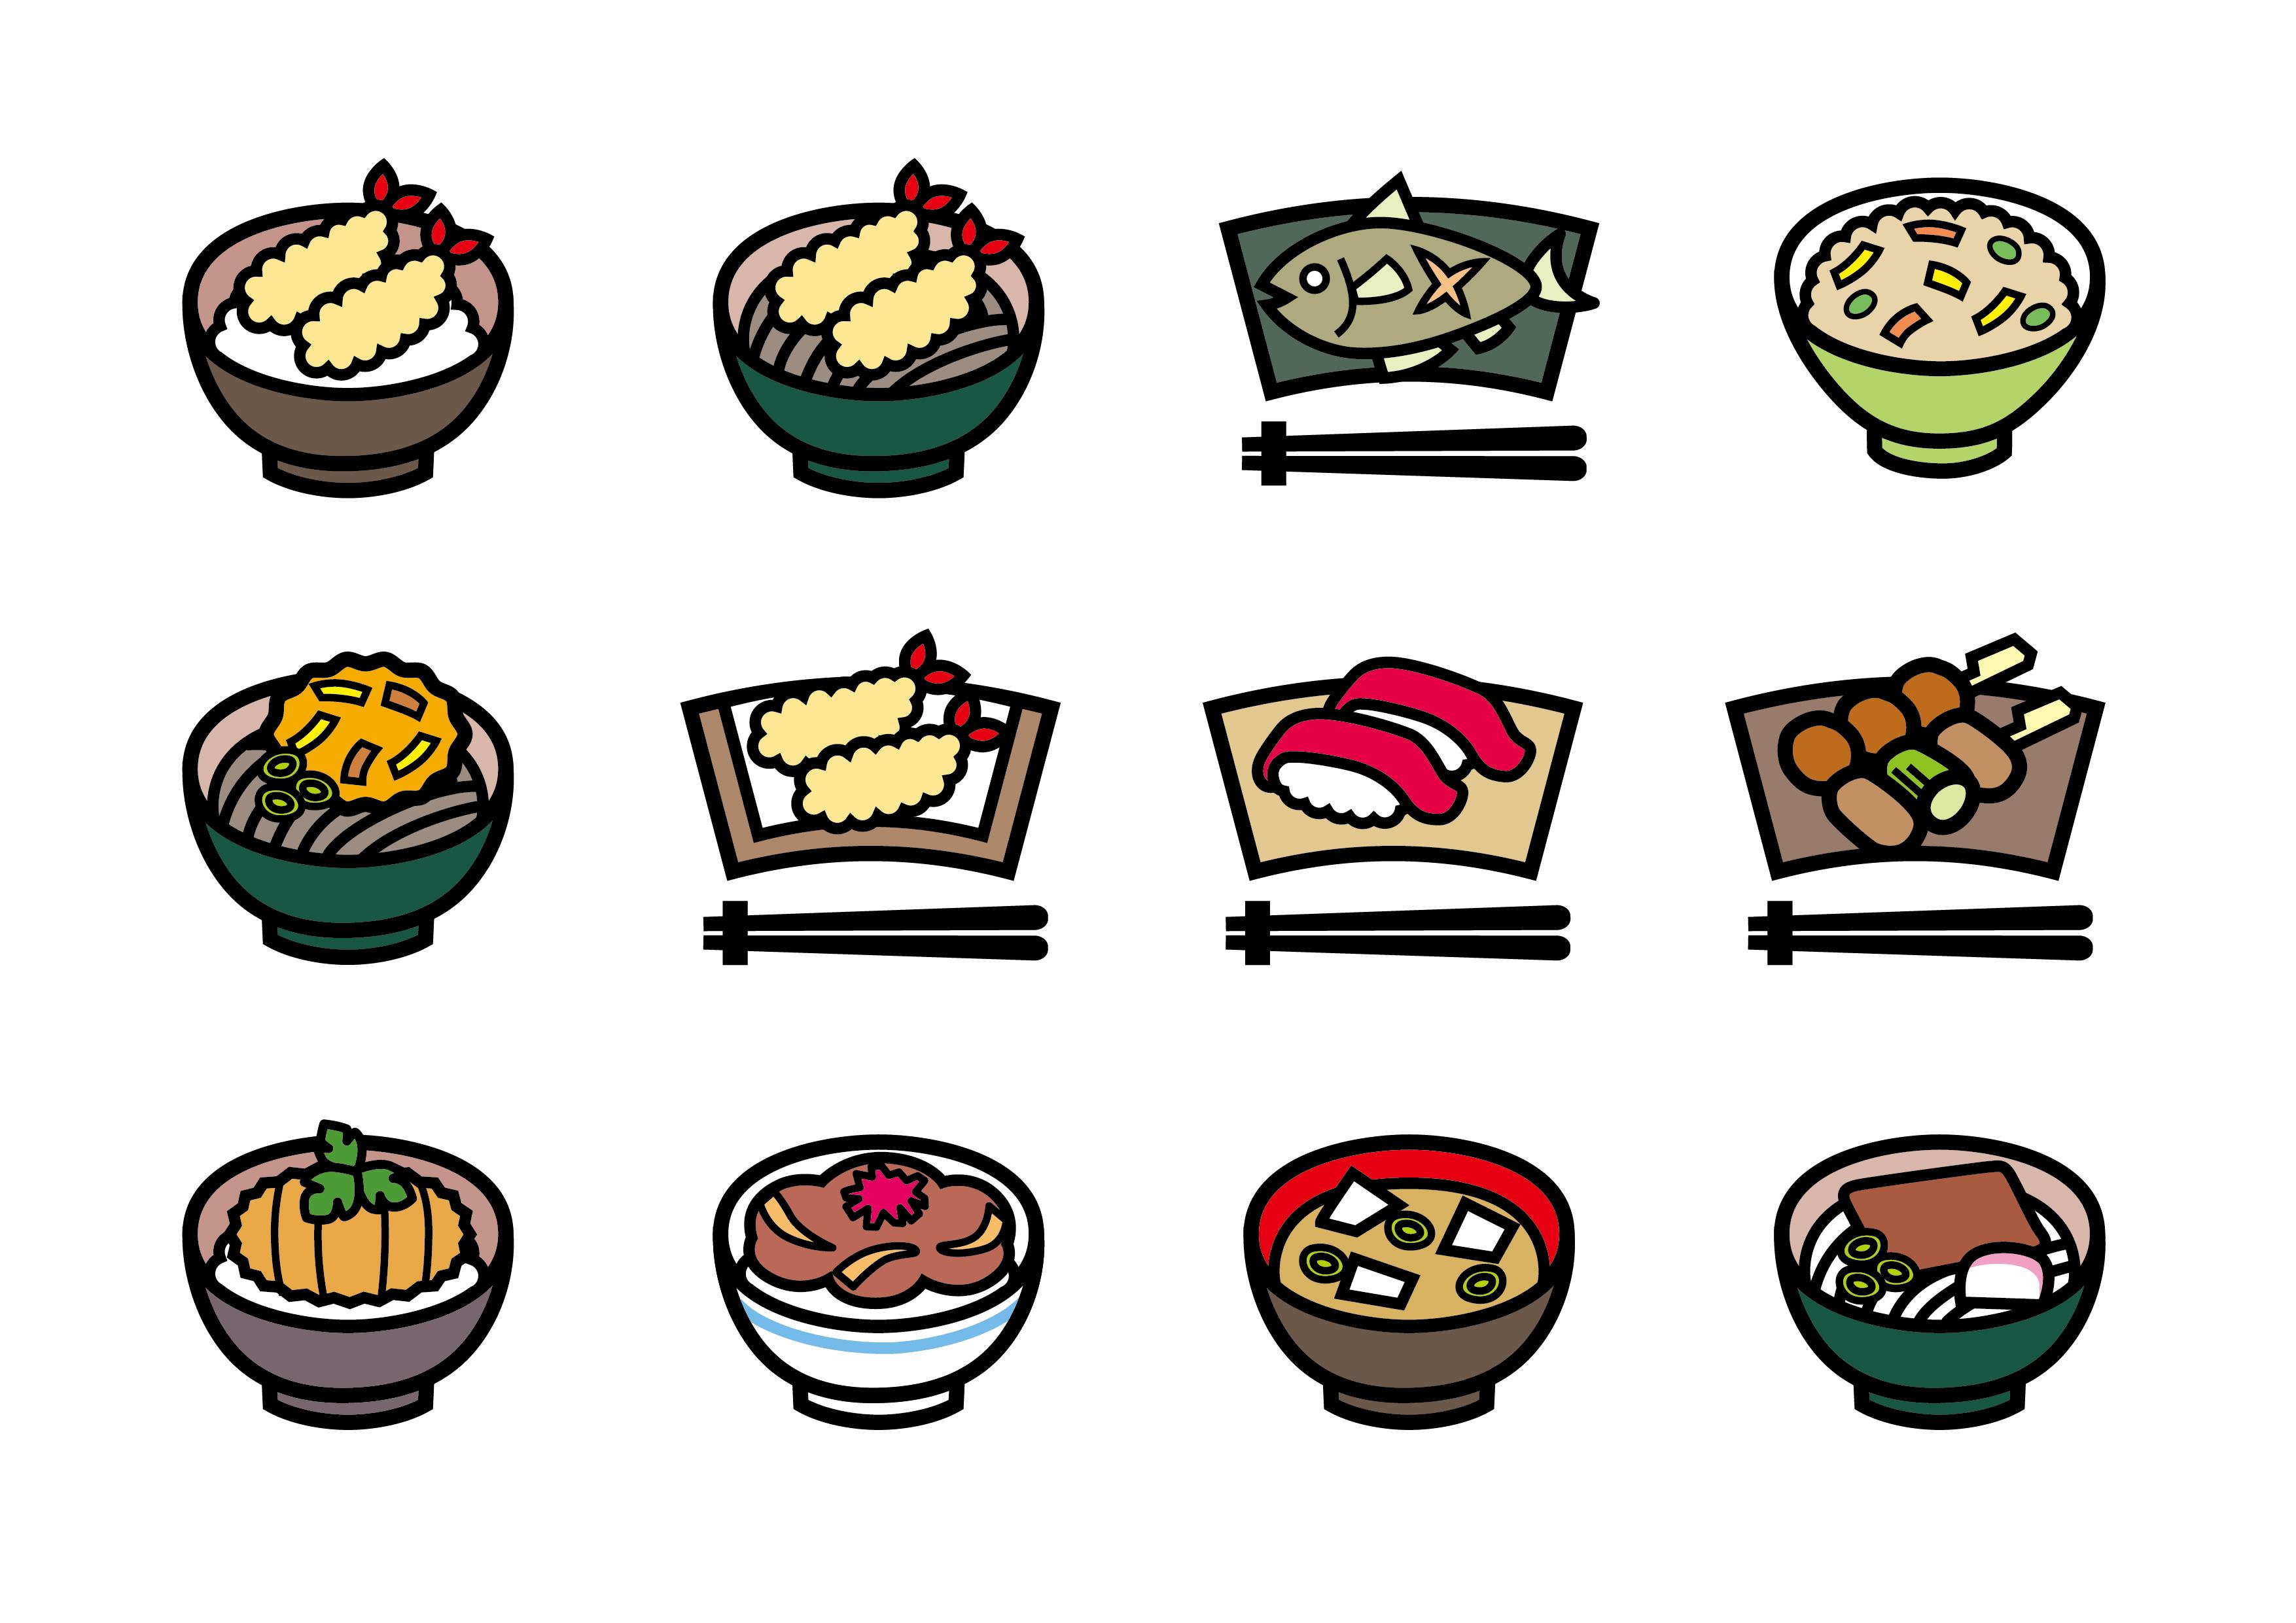 【お年寄りに喜ばれる料理15選】高齢者が喜ぶ!!簡単に製作できる贈り物を紹介